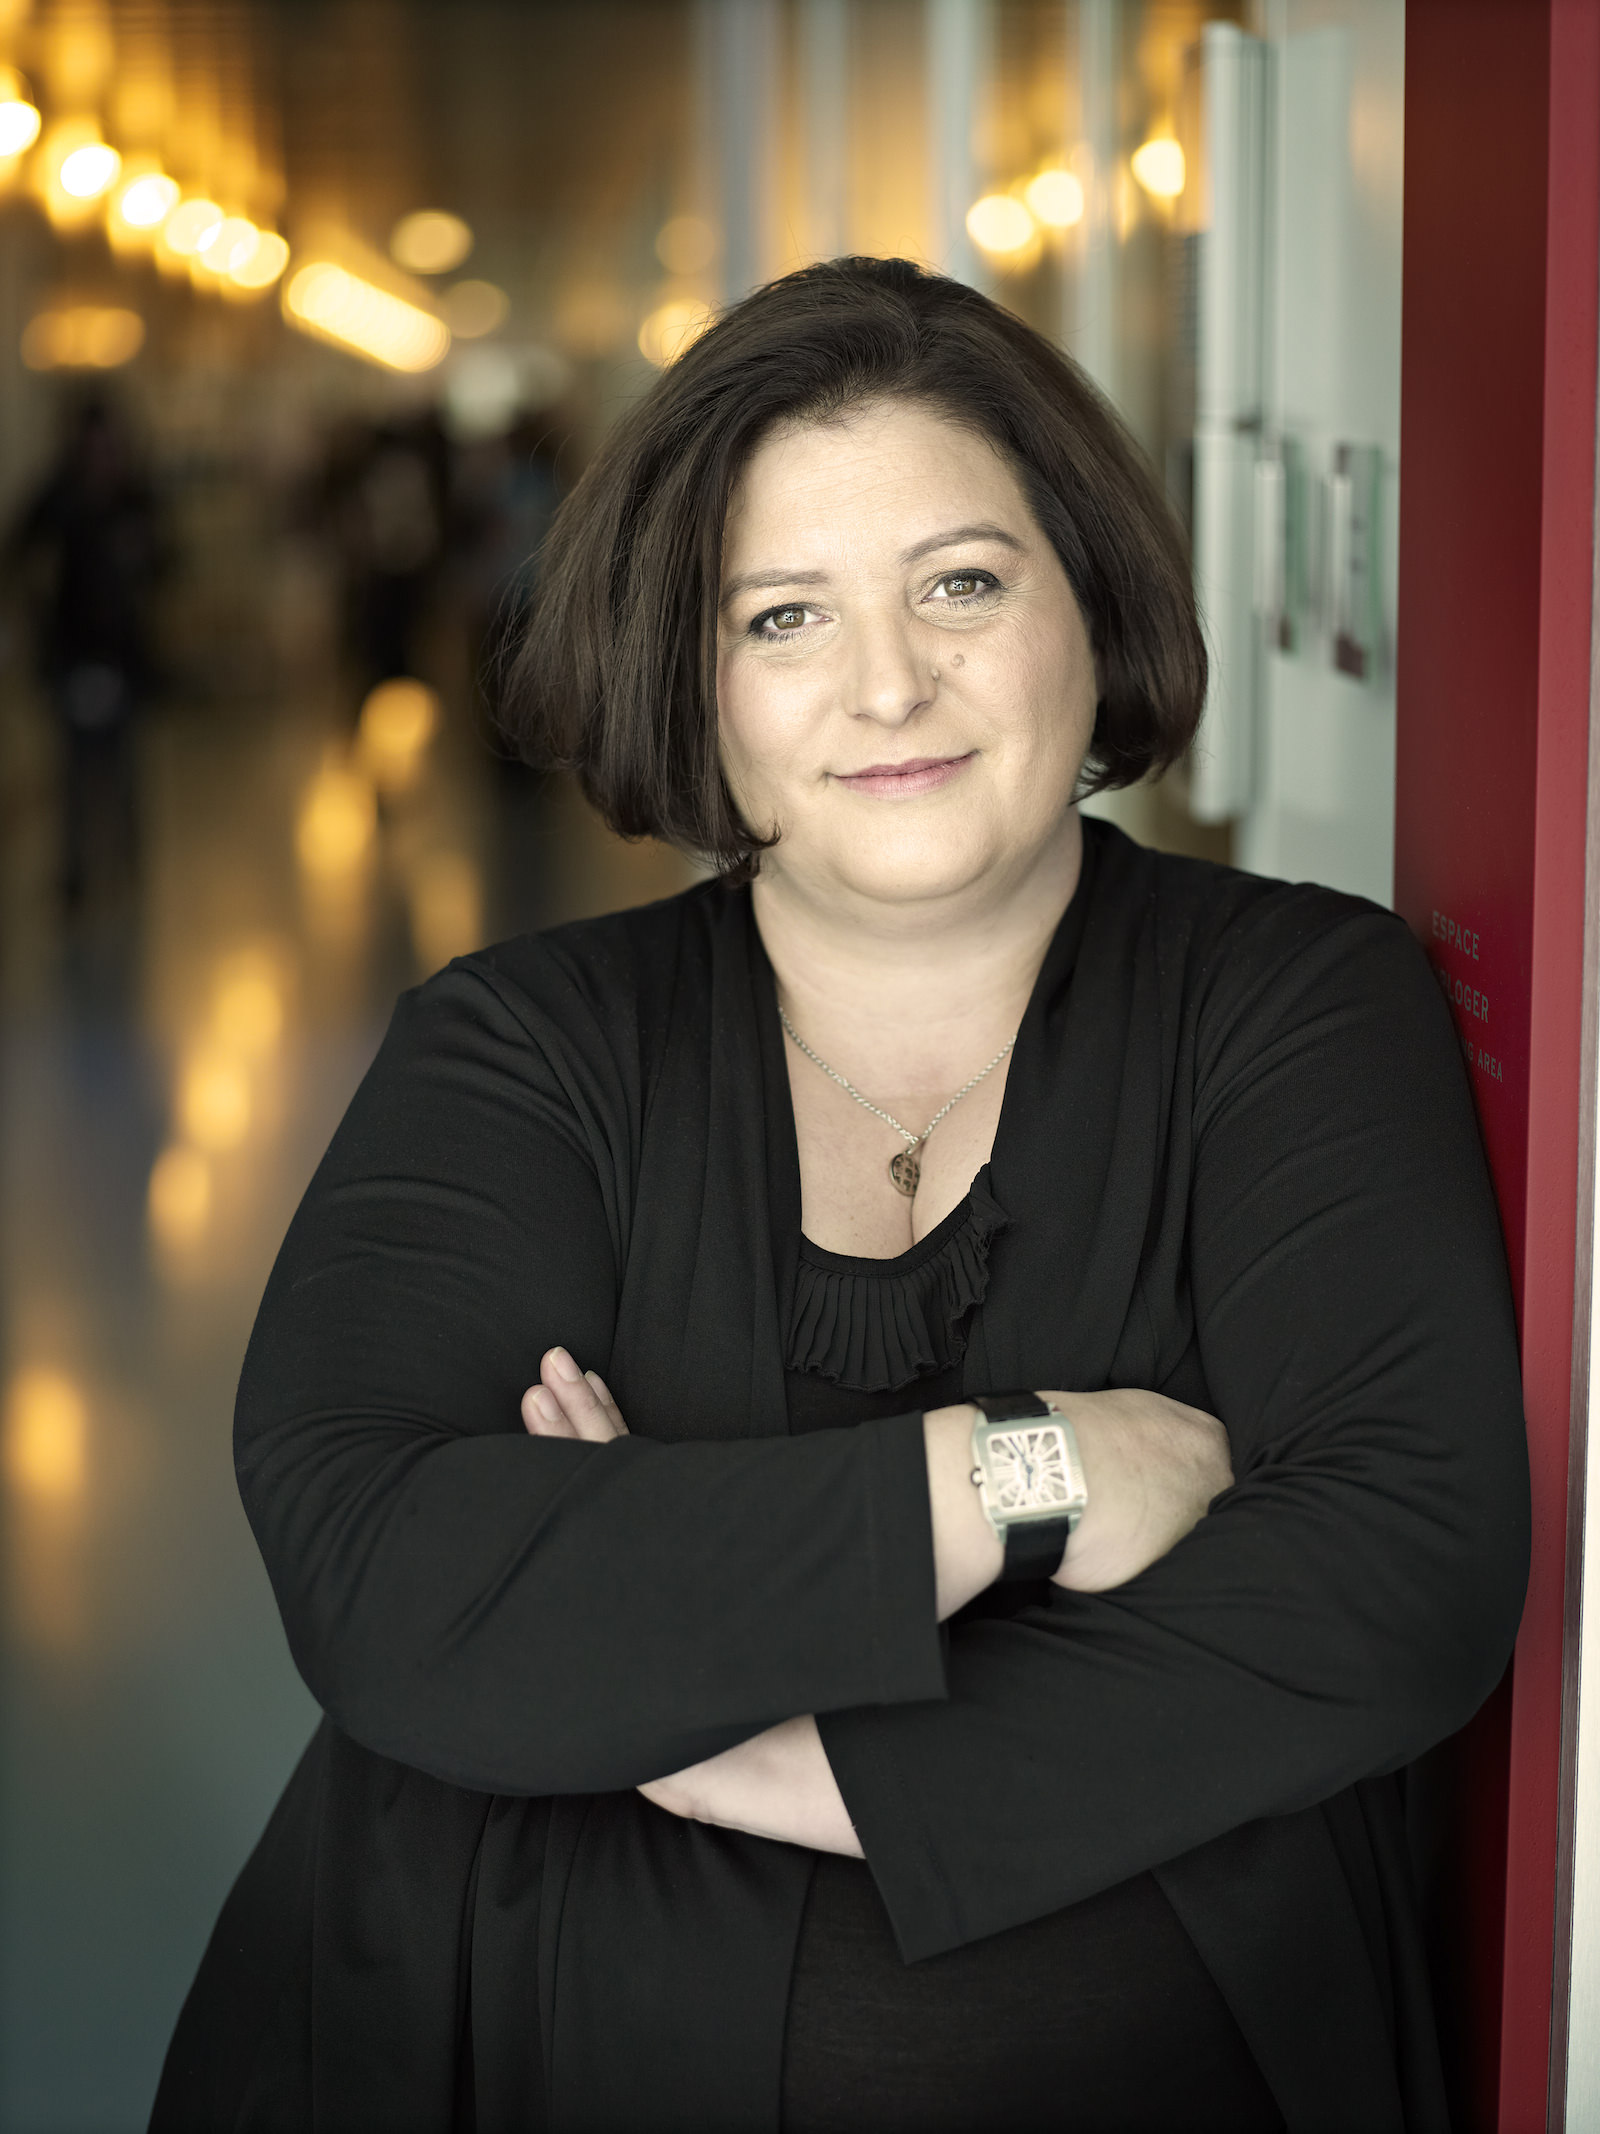 Carole Forestier-Kasapi leitet seit 2005 die Entwicklungsabteilung der Cartier Manufaktur in La Chaux-de-Fonds. Unter ihrer Ägide entstanden bisher 48 Uhrwerke und zwei Concept Watches – more to come!